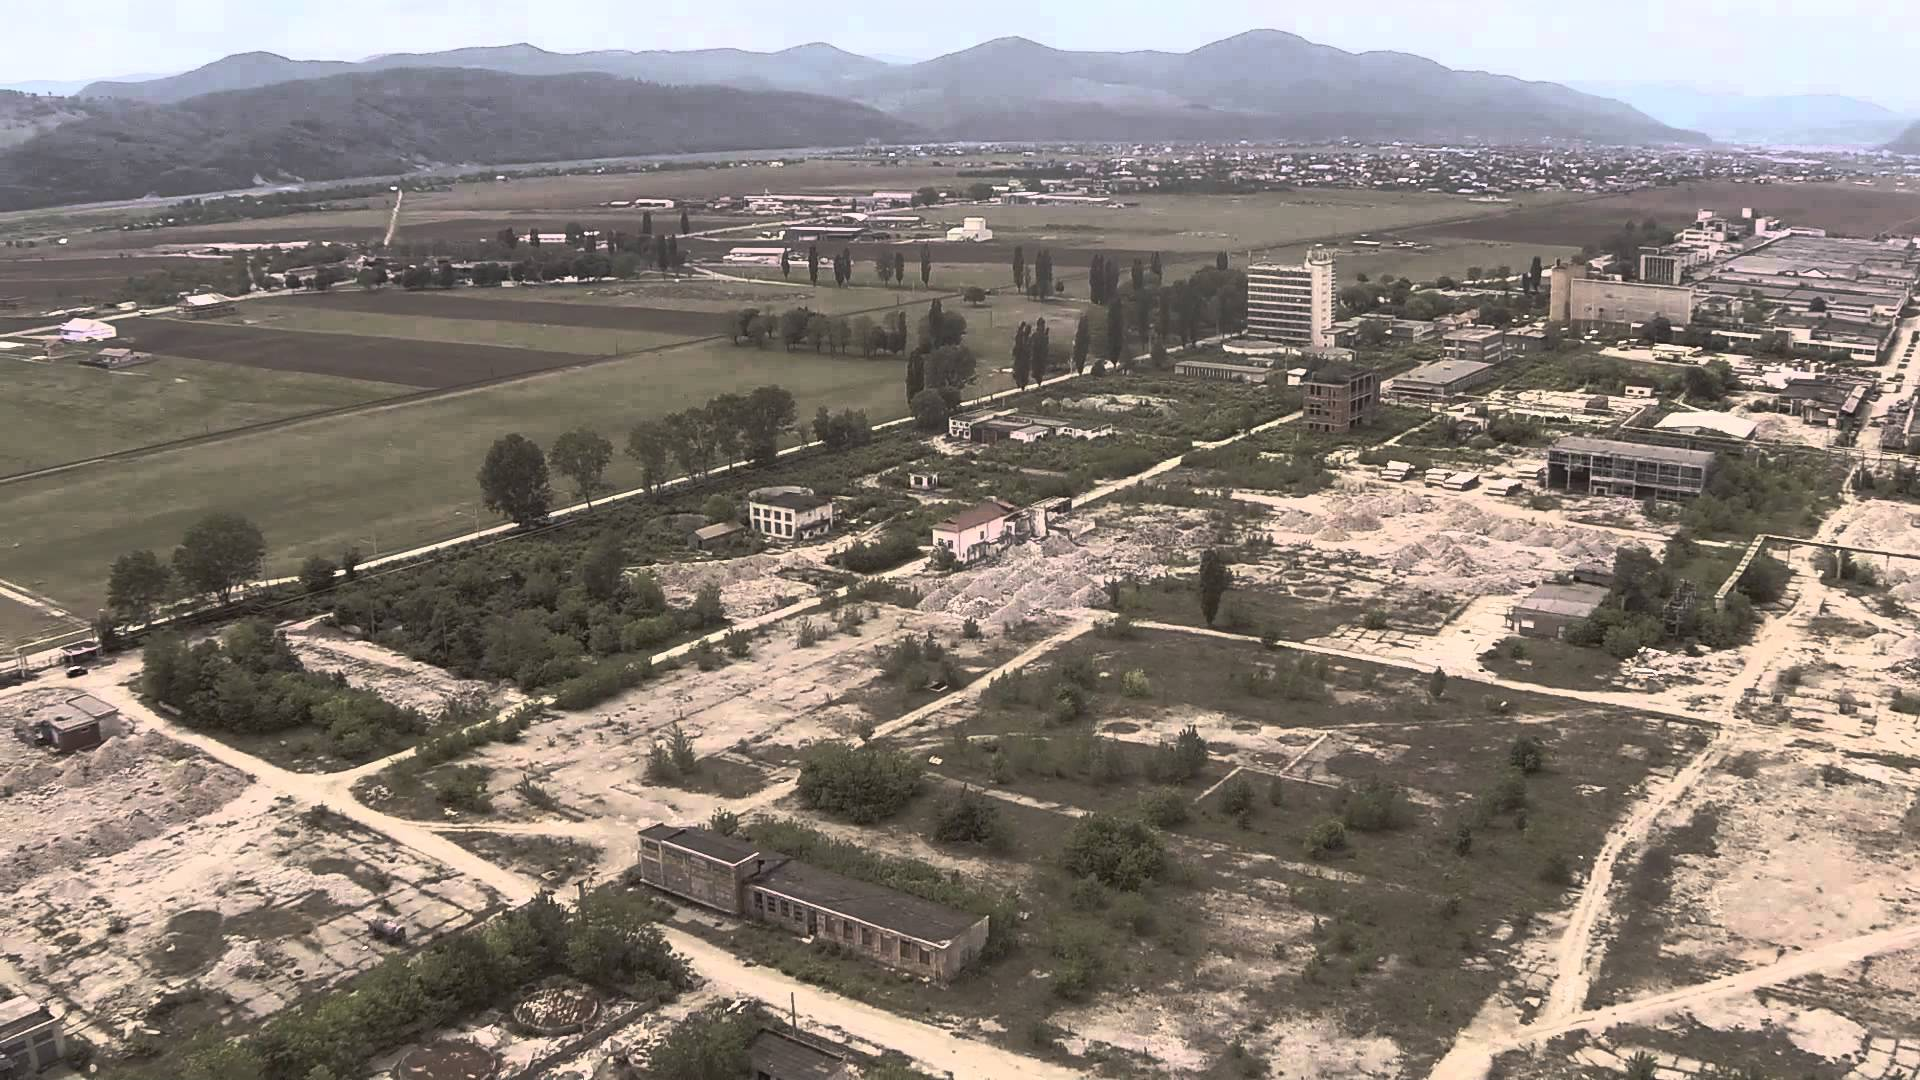 Imagini pentru INTREPRINDERILE - SIMBOL ALE ROMANIEI - RUINE IN PARAGINA,POZE